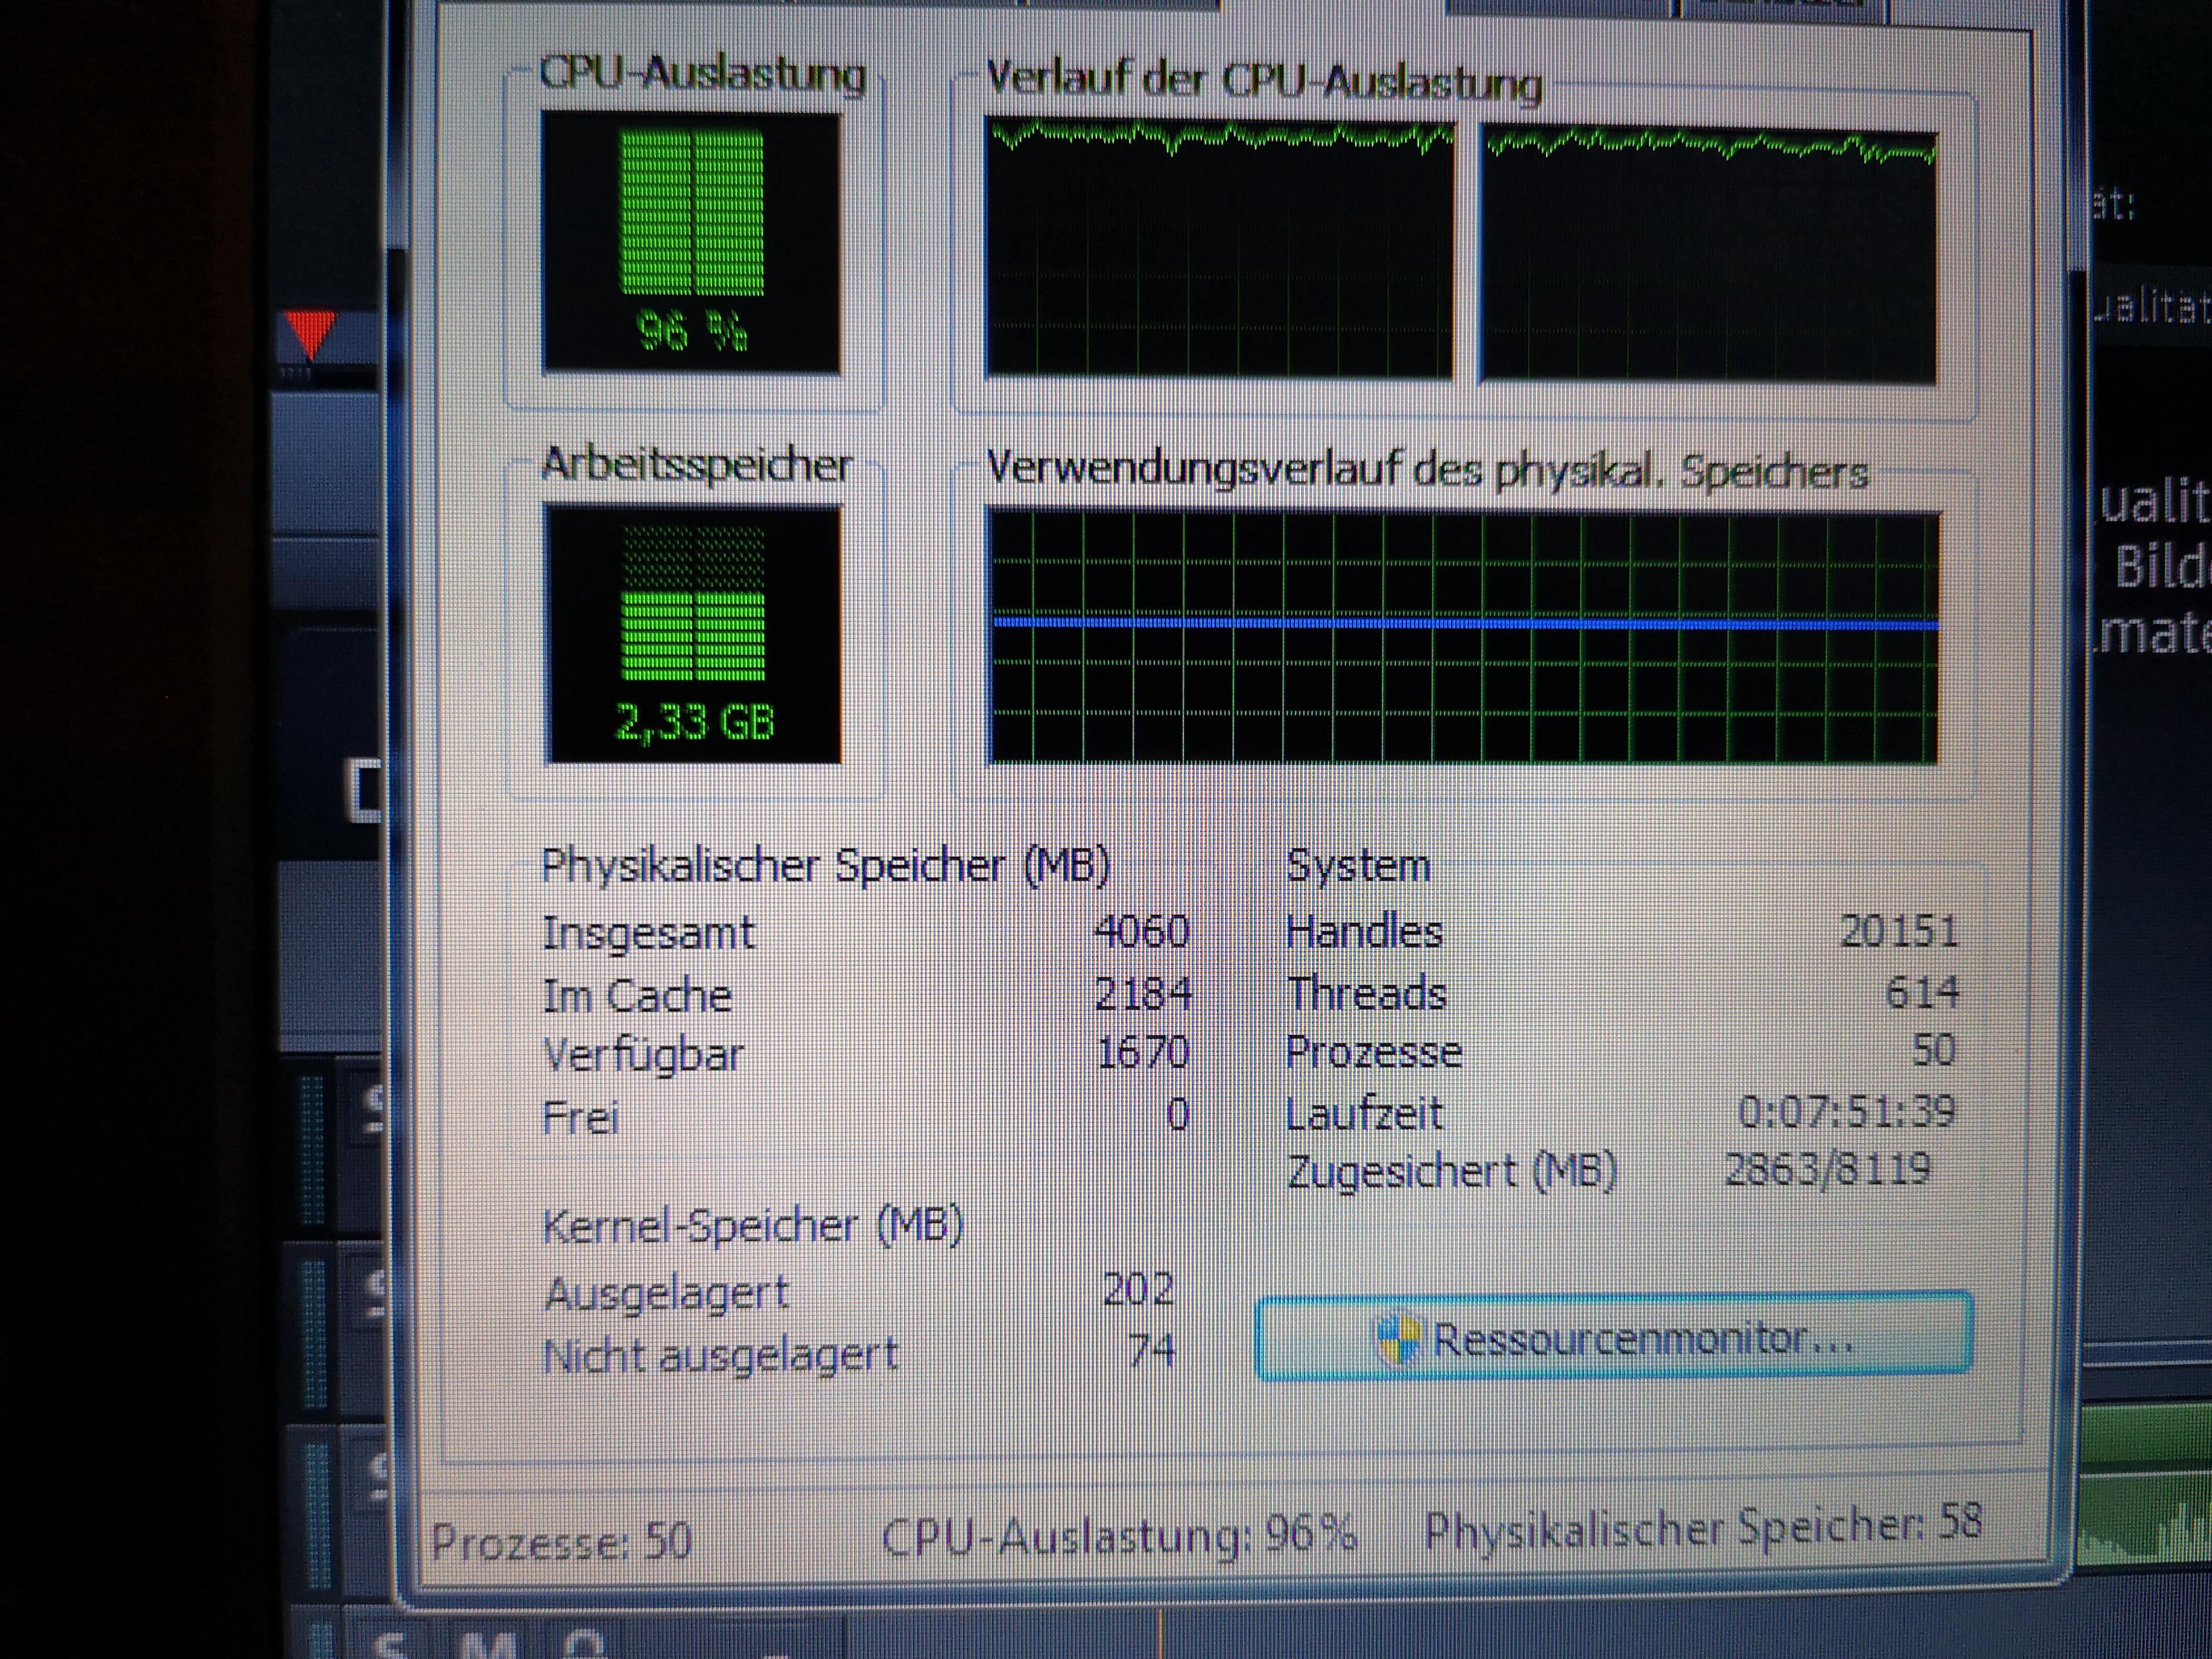 Hat mein Laptop zu wenig Arbeitsspeicher? (Computer, PC